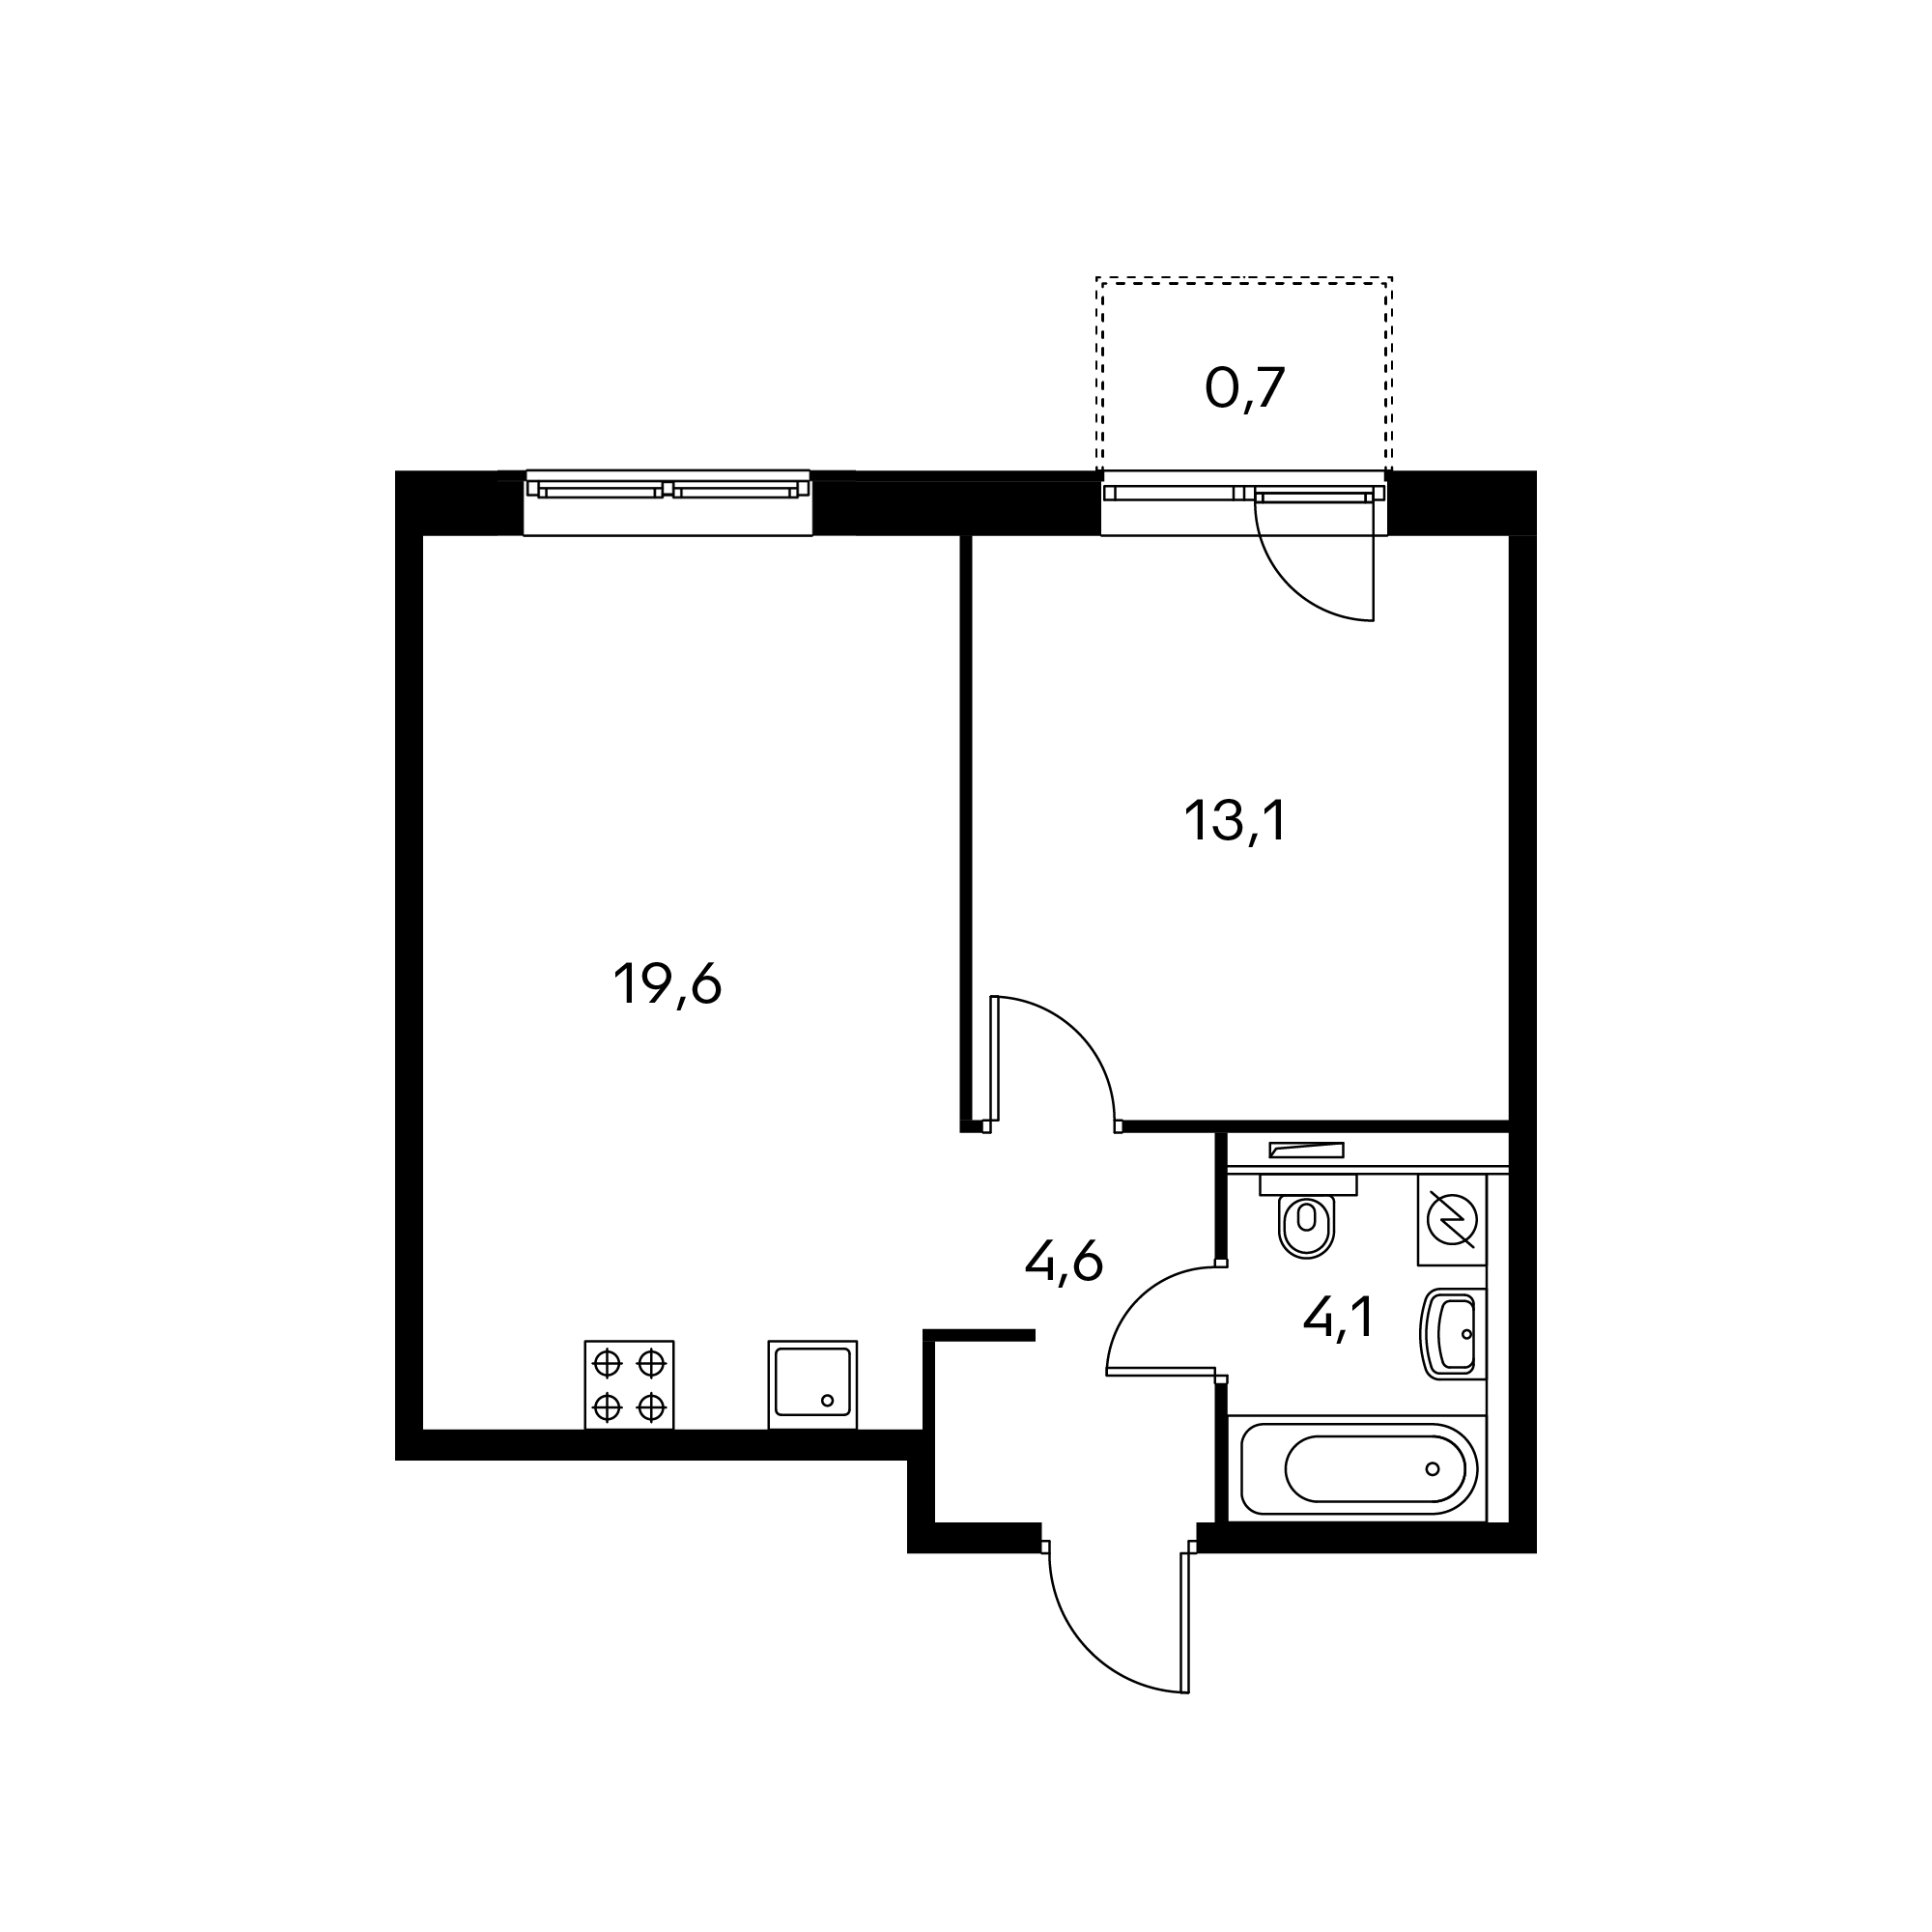 1EM3_7.2-1_B1